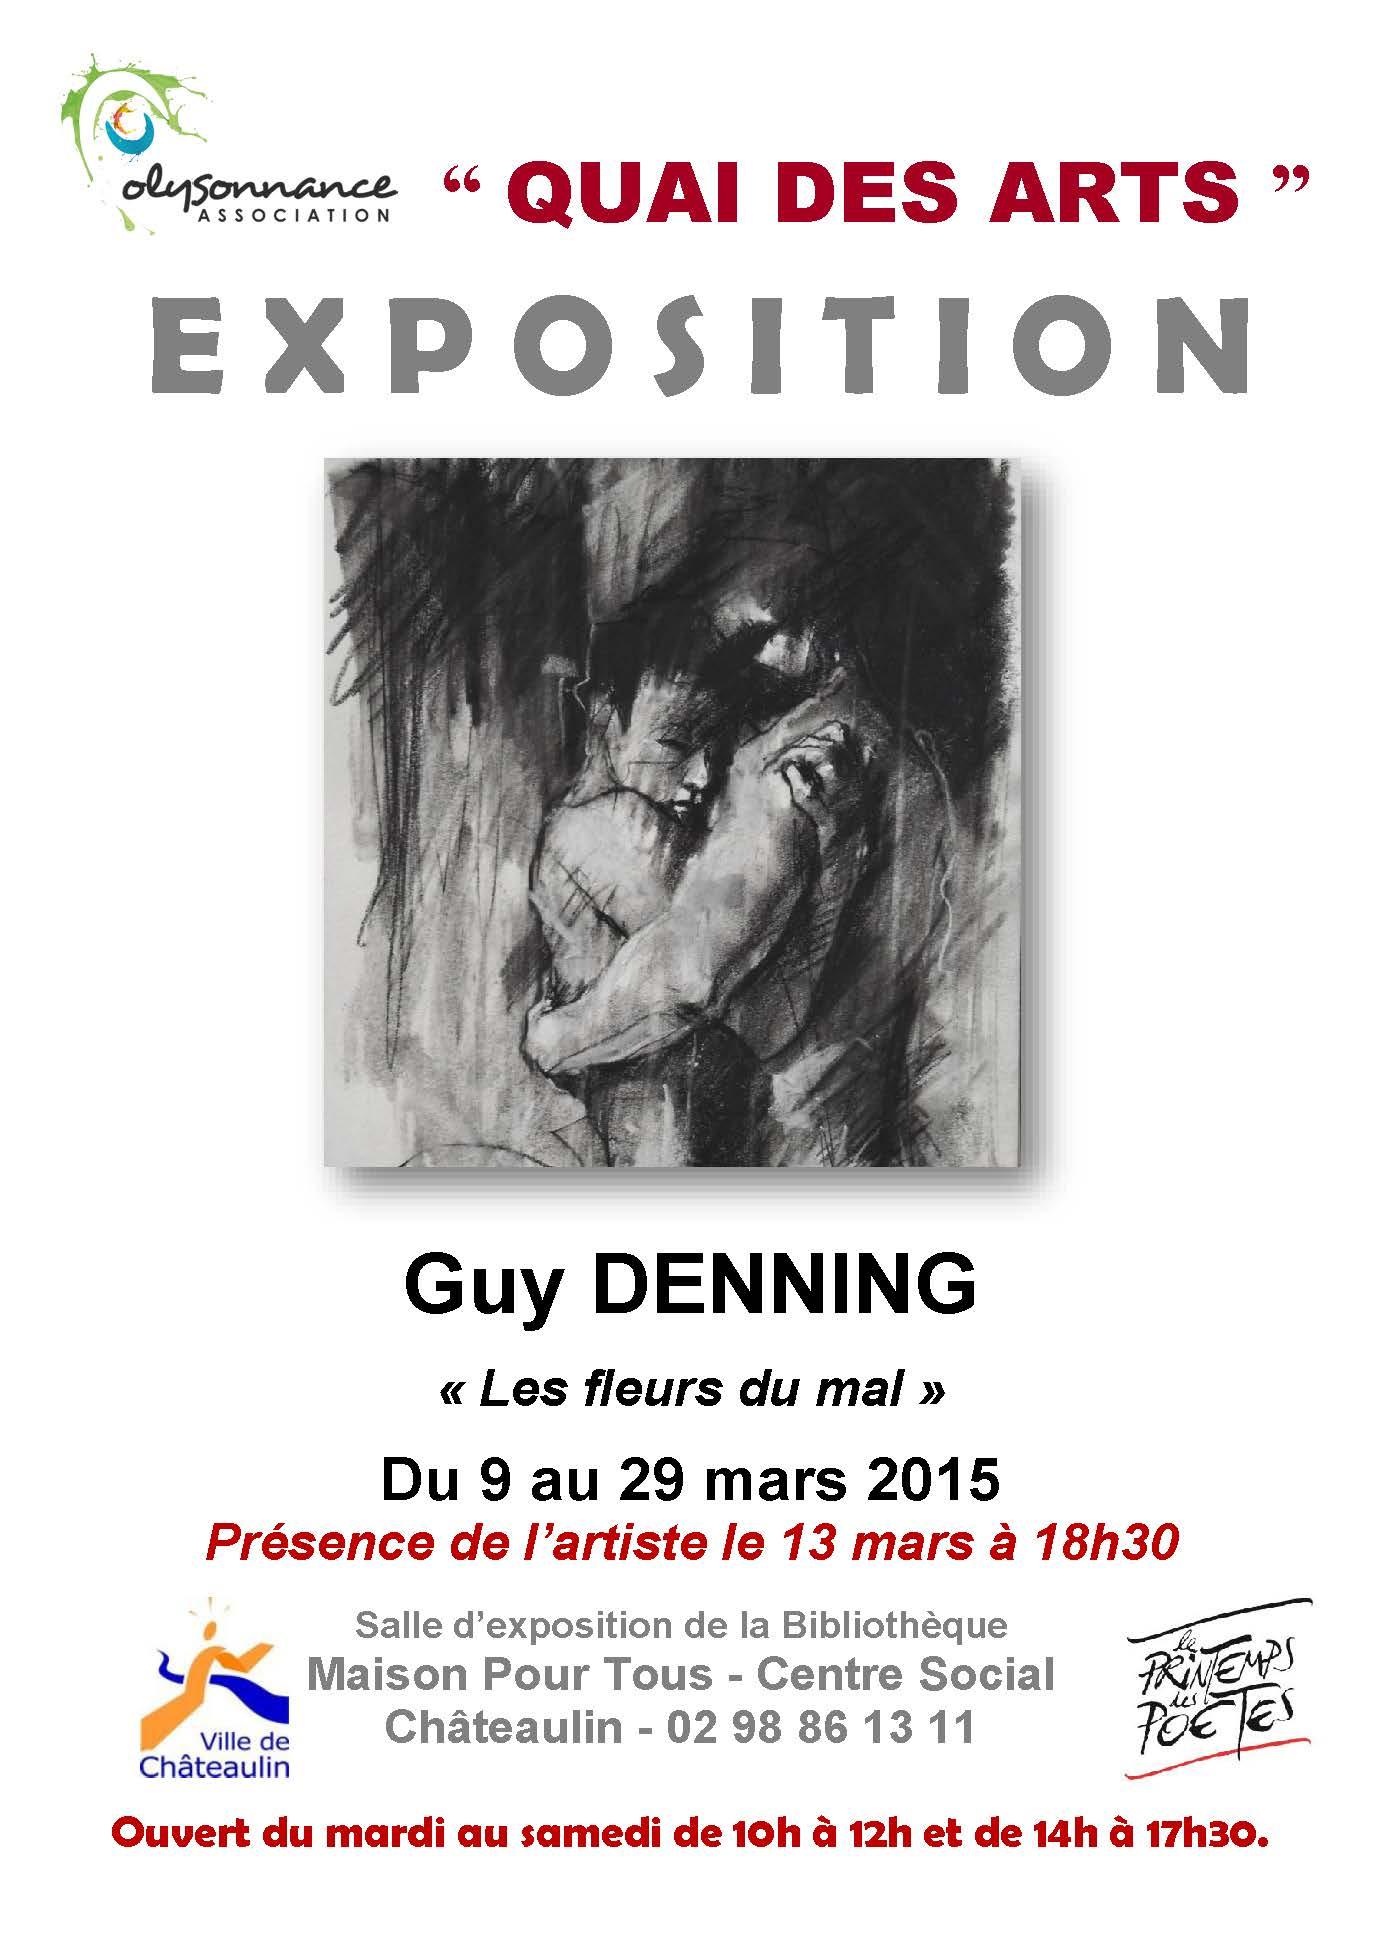 Quai des Arts  : exposition de Guy DENNING du 9 au 29 mars 2015